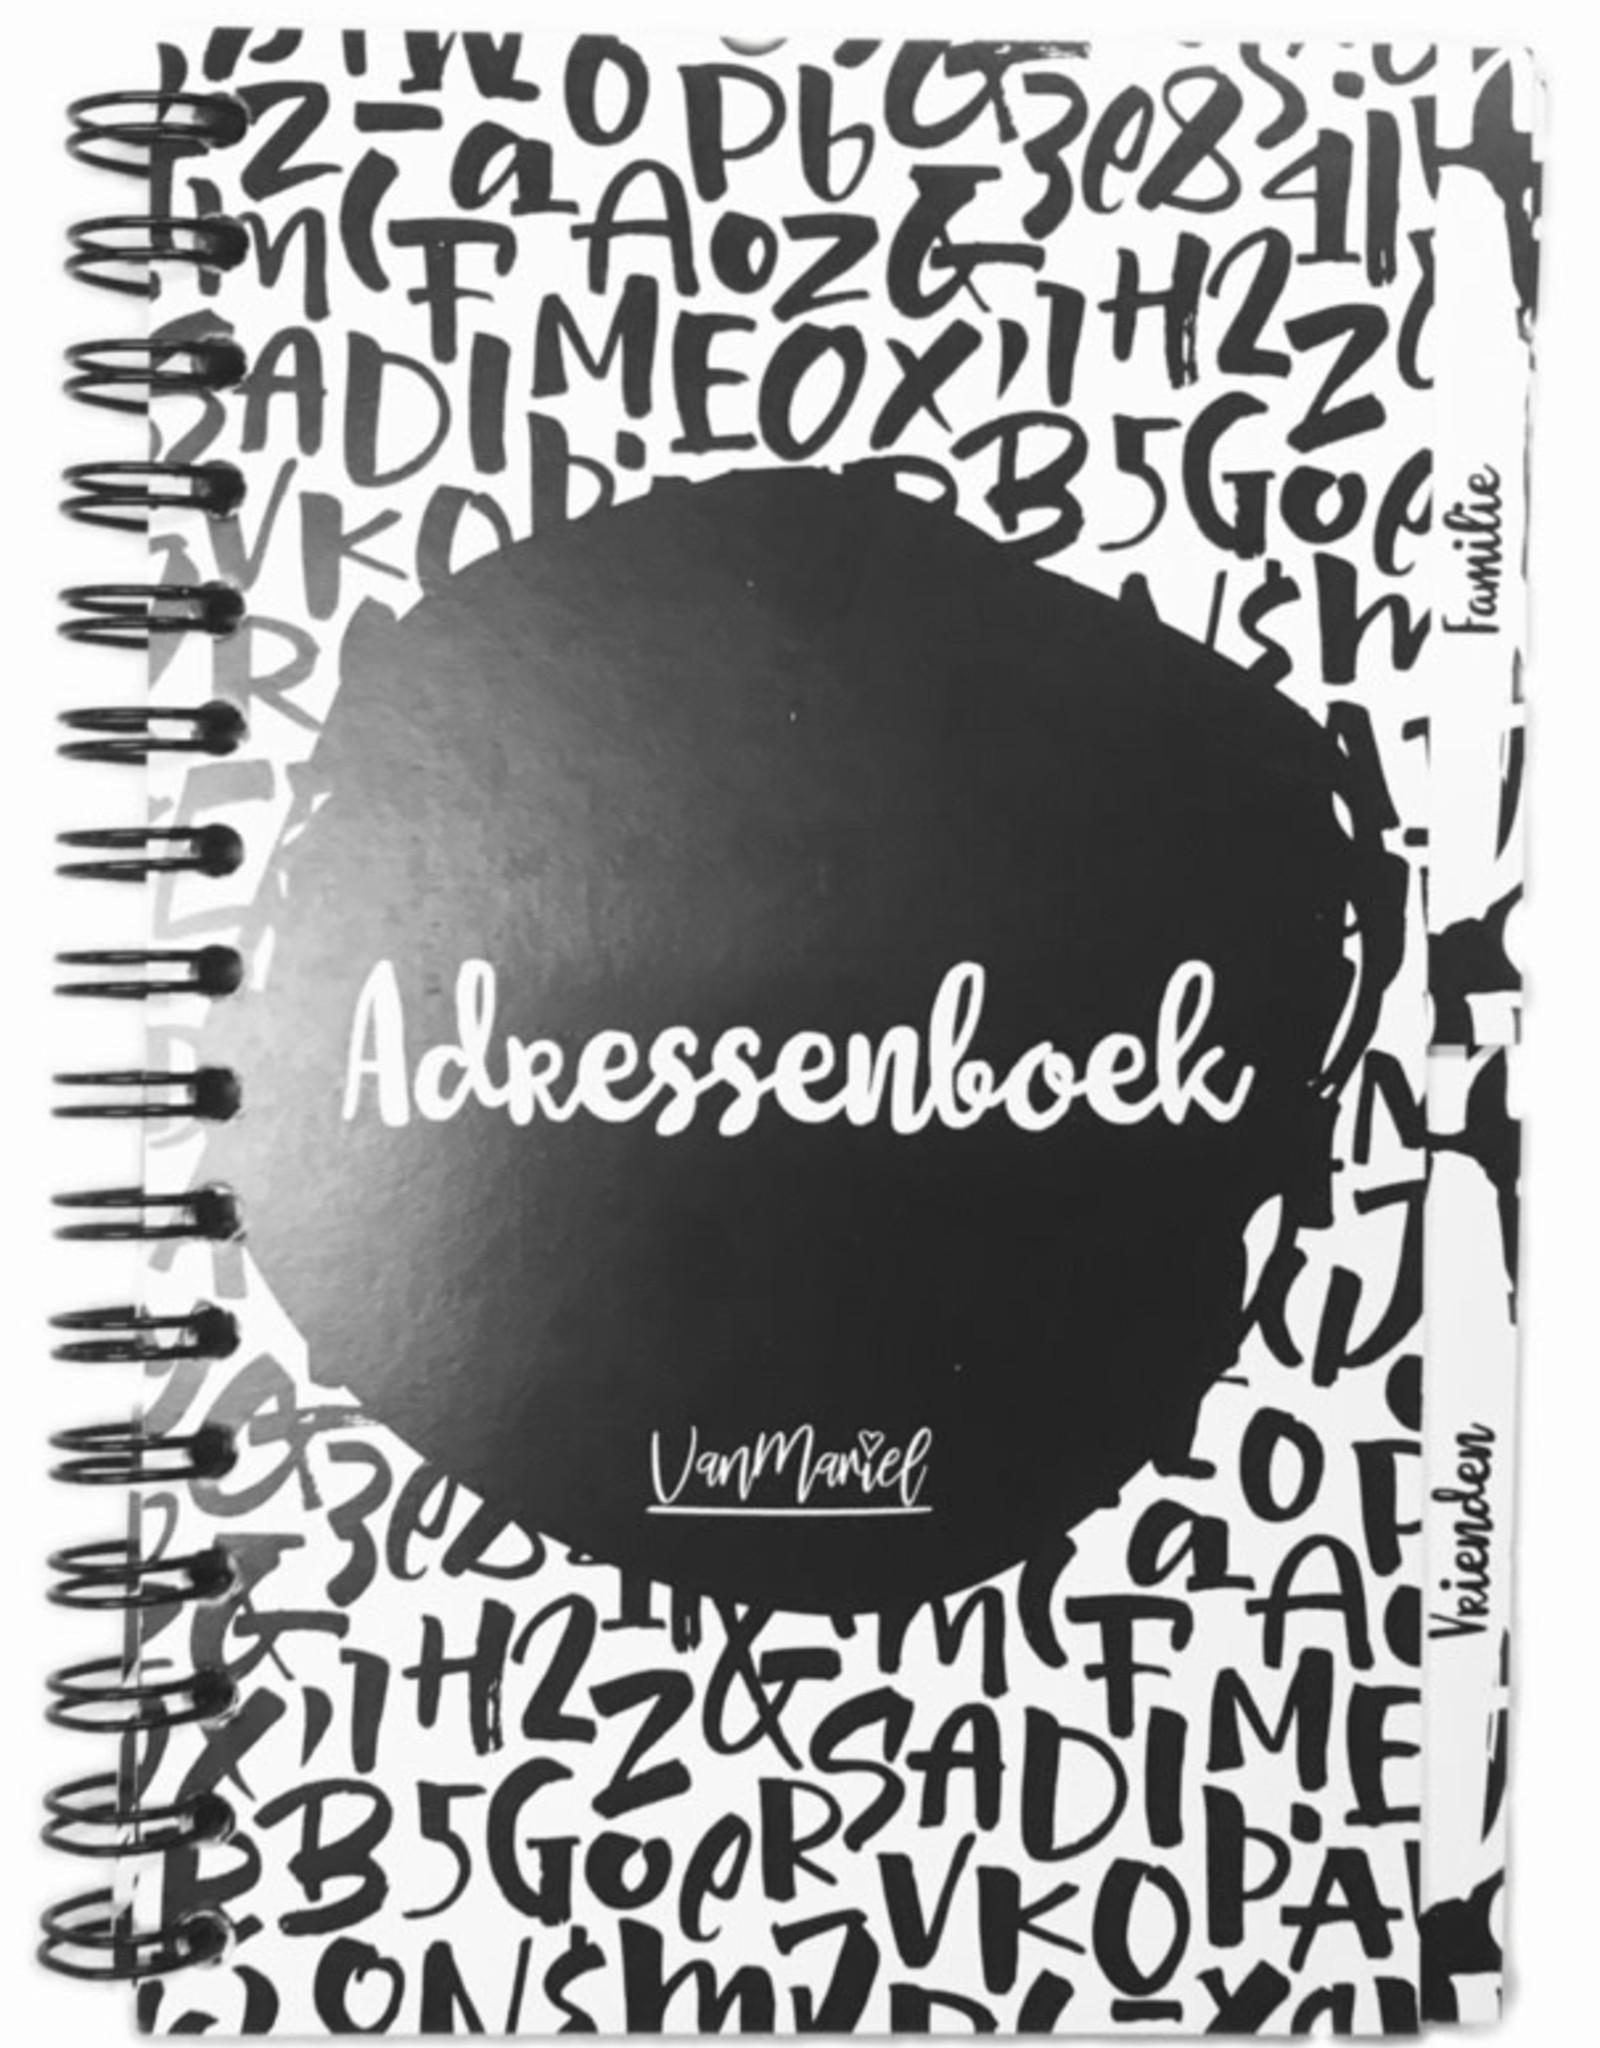 Van Mariel van mariel adressenboek met tabbladen